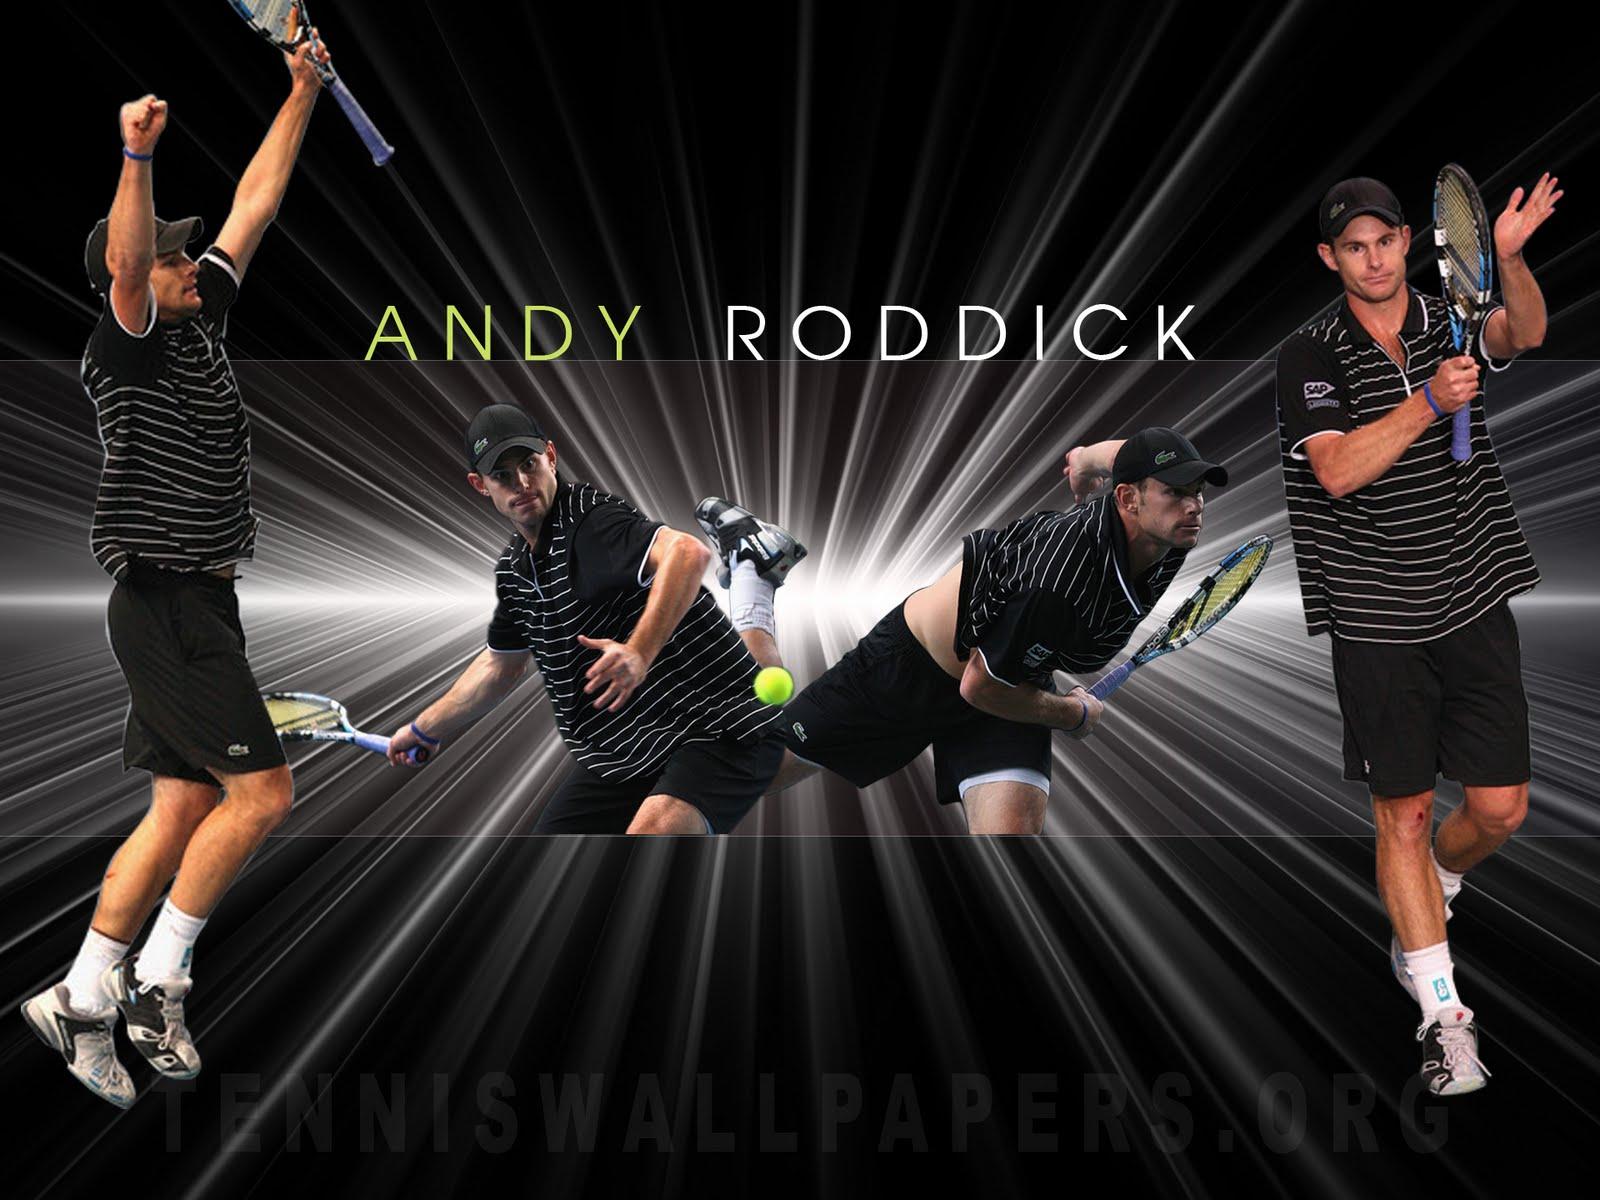 http://2.bp.blogspot.com/-xpkFCp1PWdM/TjcMfUHKF1I/AAAAAAAAFr8/-bvxFzdBFLY/s1600/Andy+Roddick-593860.jpeg